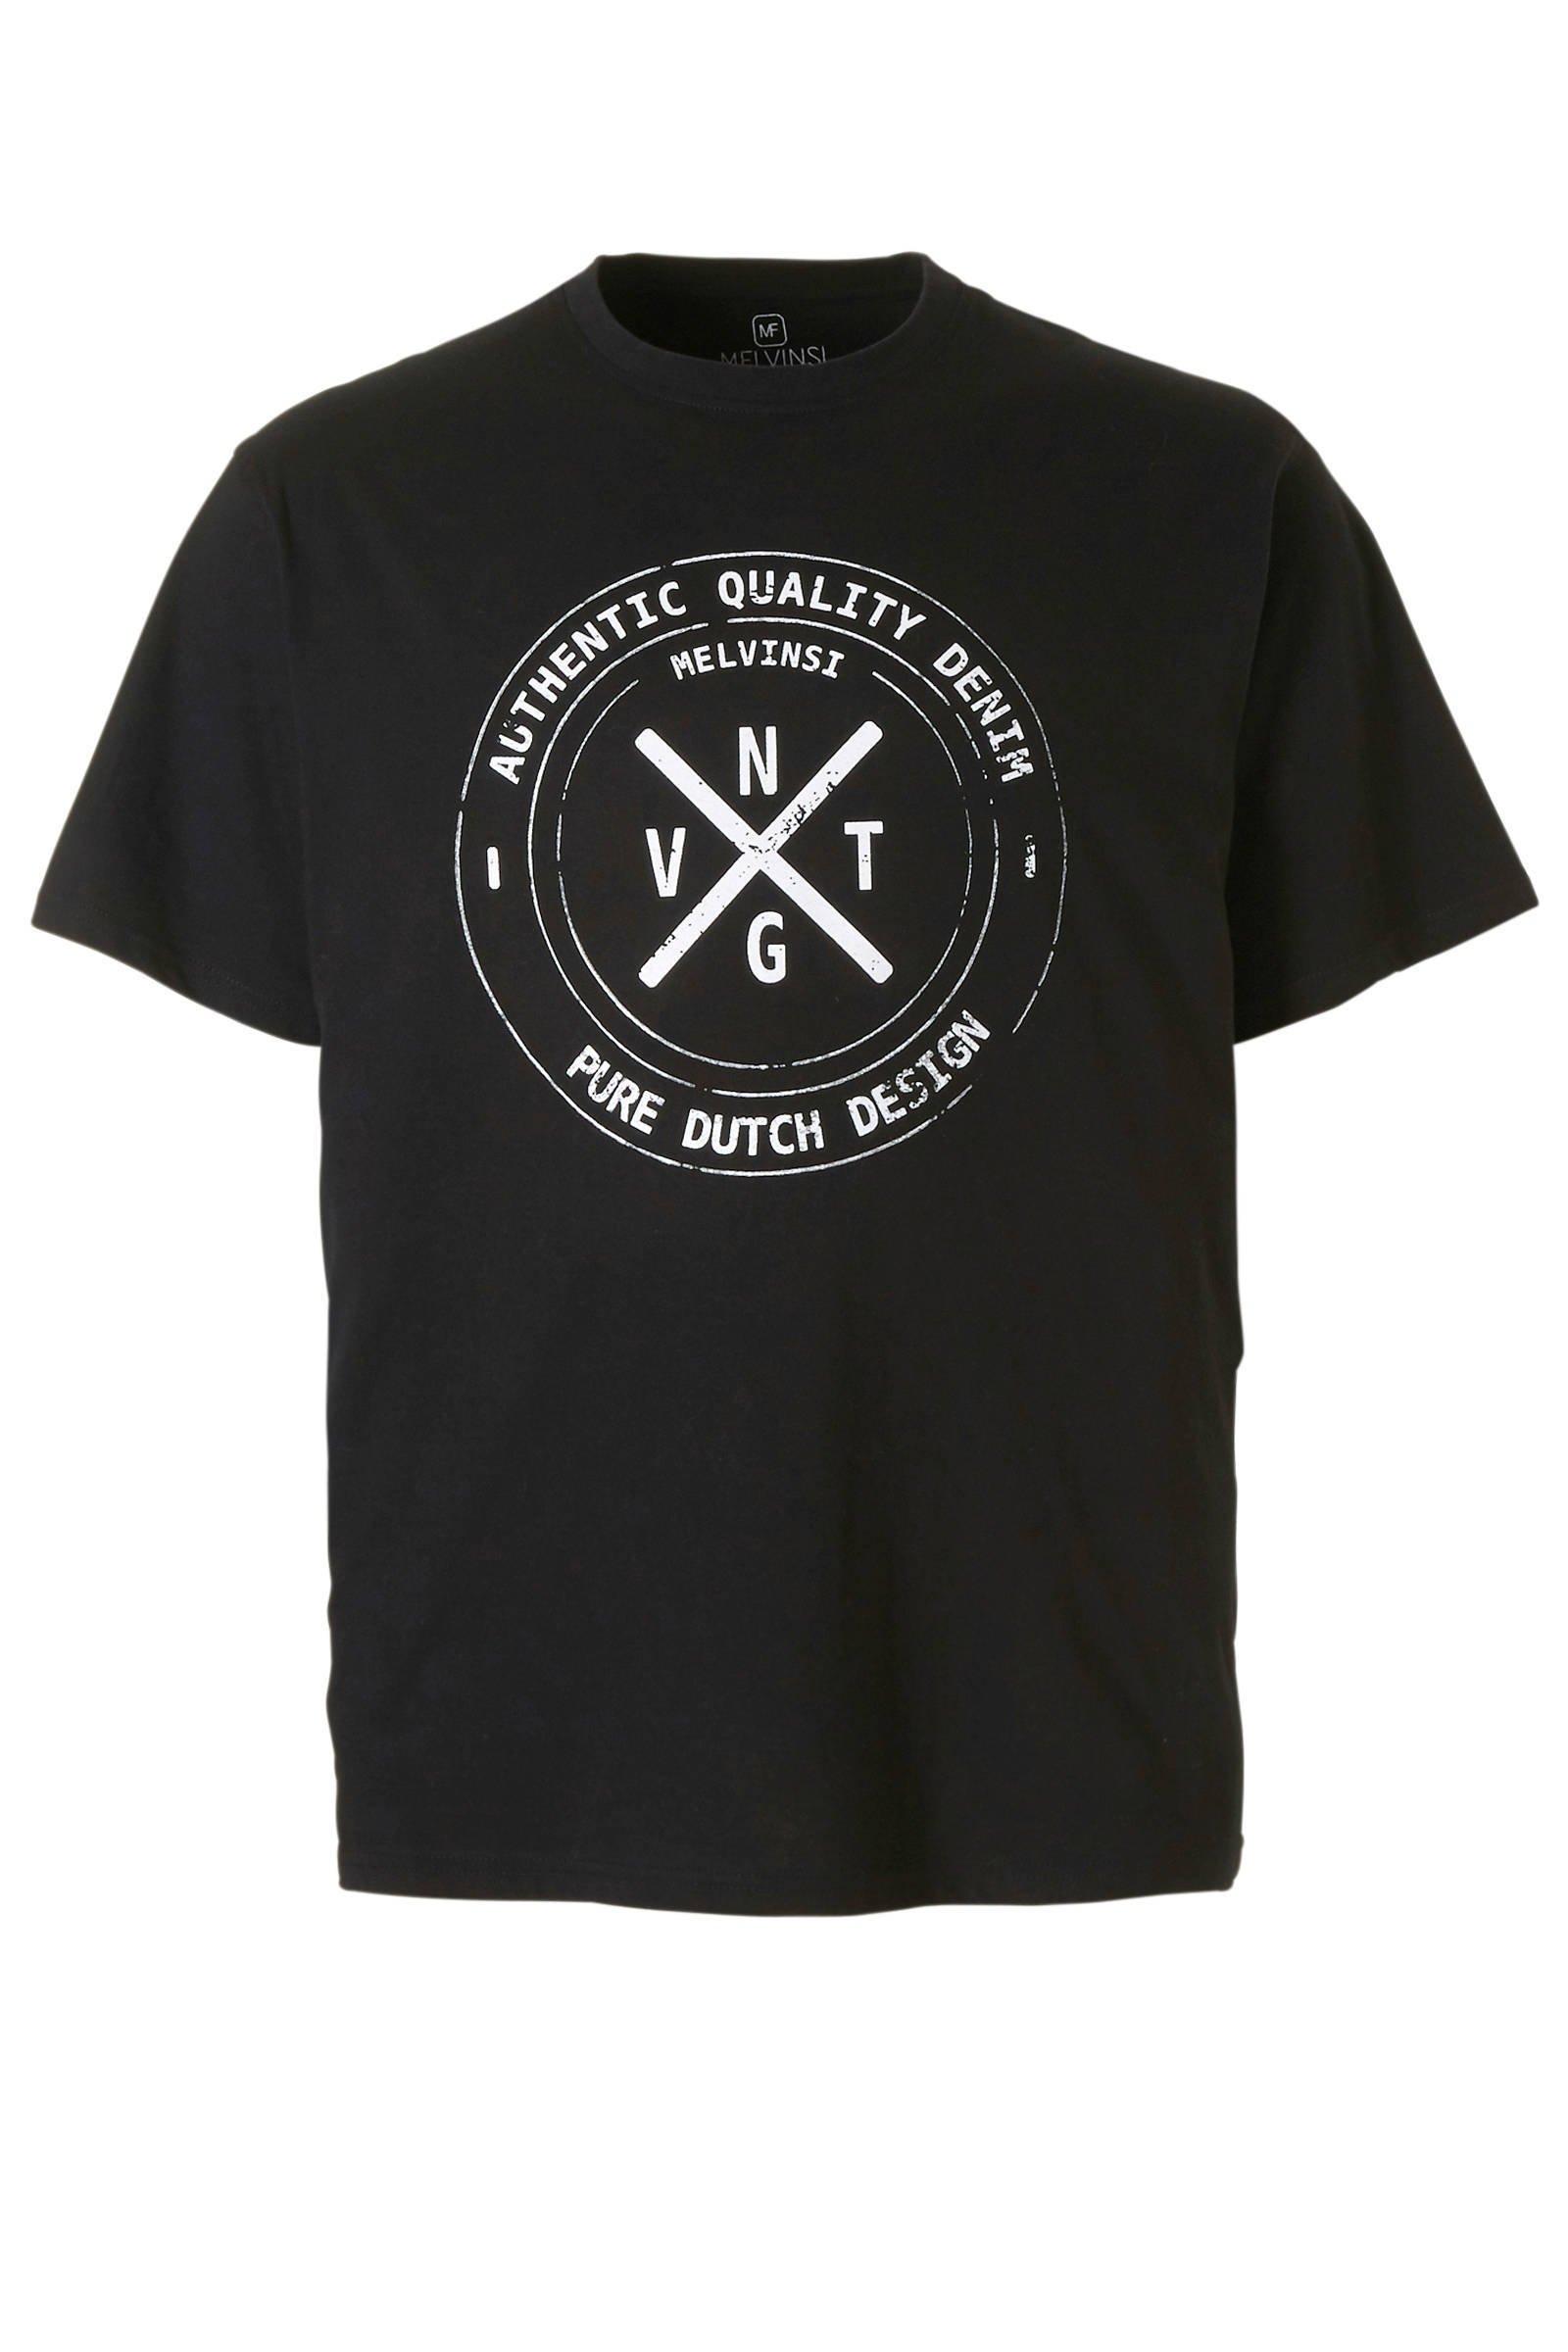 Melvinsi +size plussize t-shirt